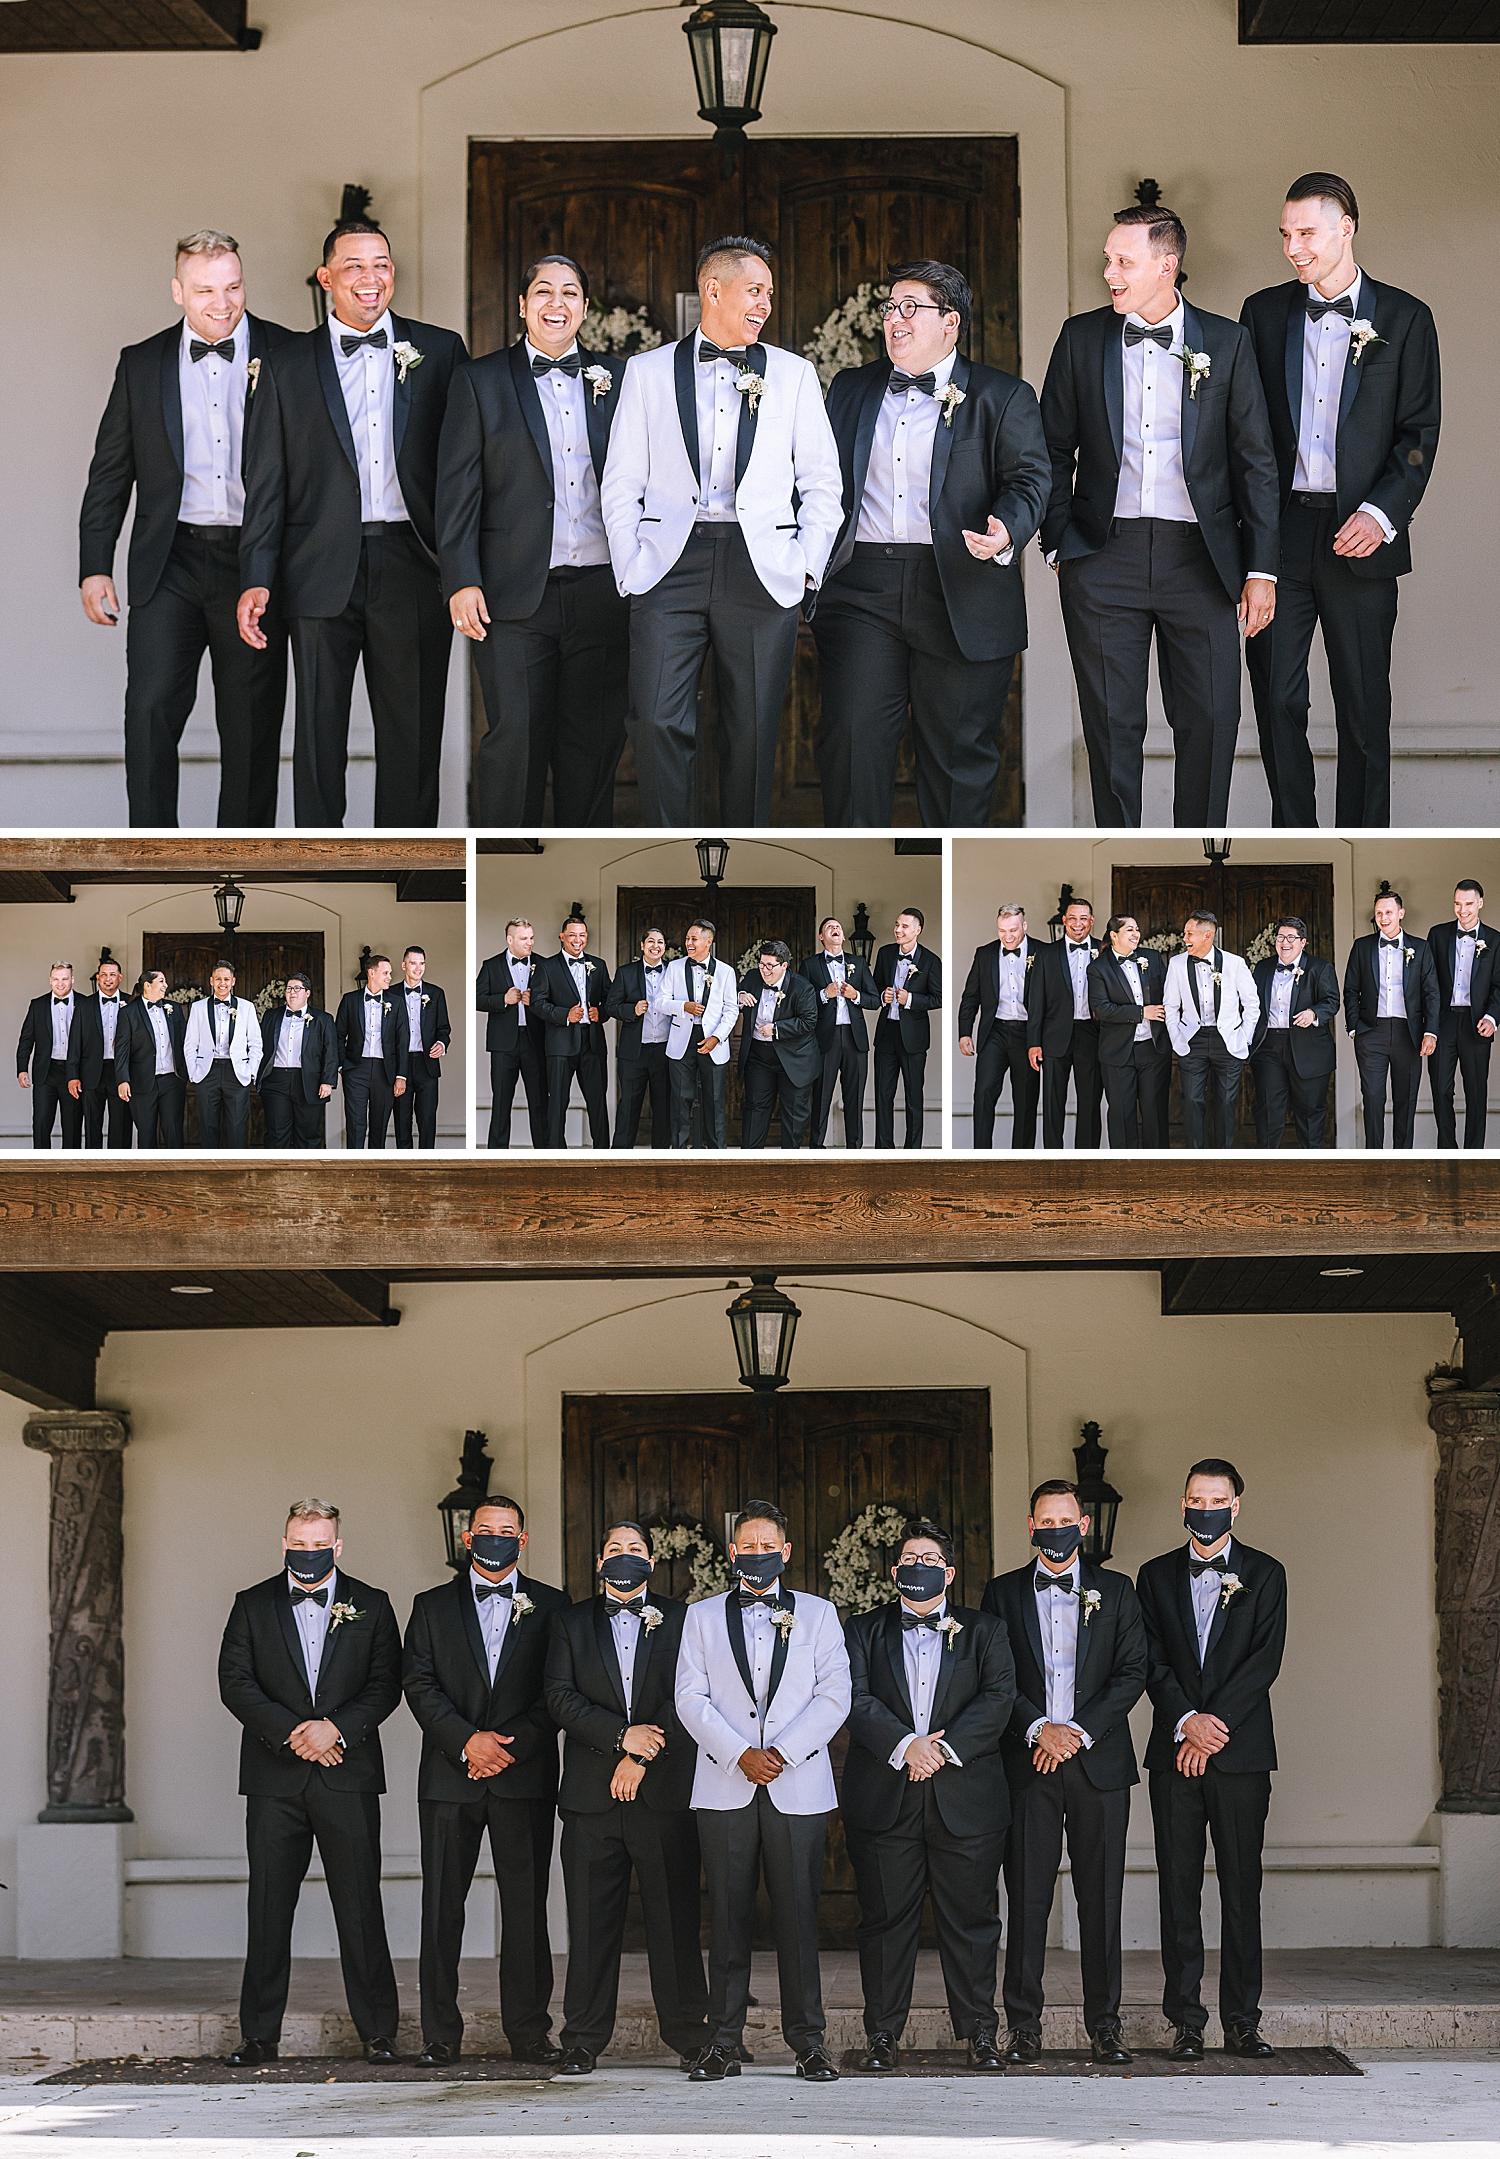 Carly-Barton-Photography-The-Villa-at-Cielo-Vista-Blush-Gold-White-Wedding-Photos_0121.jpg